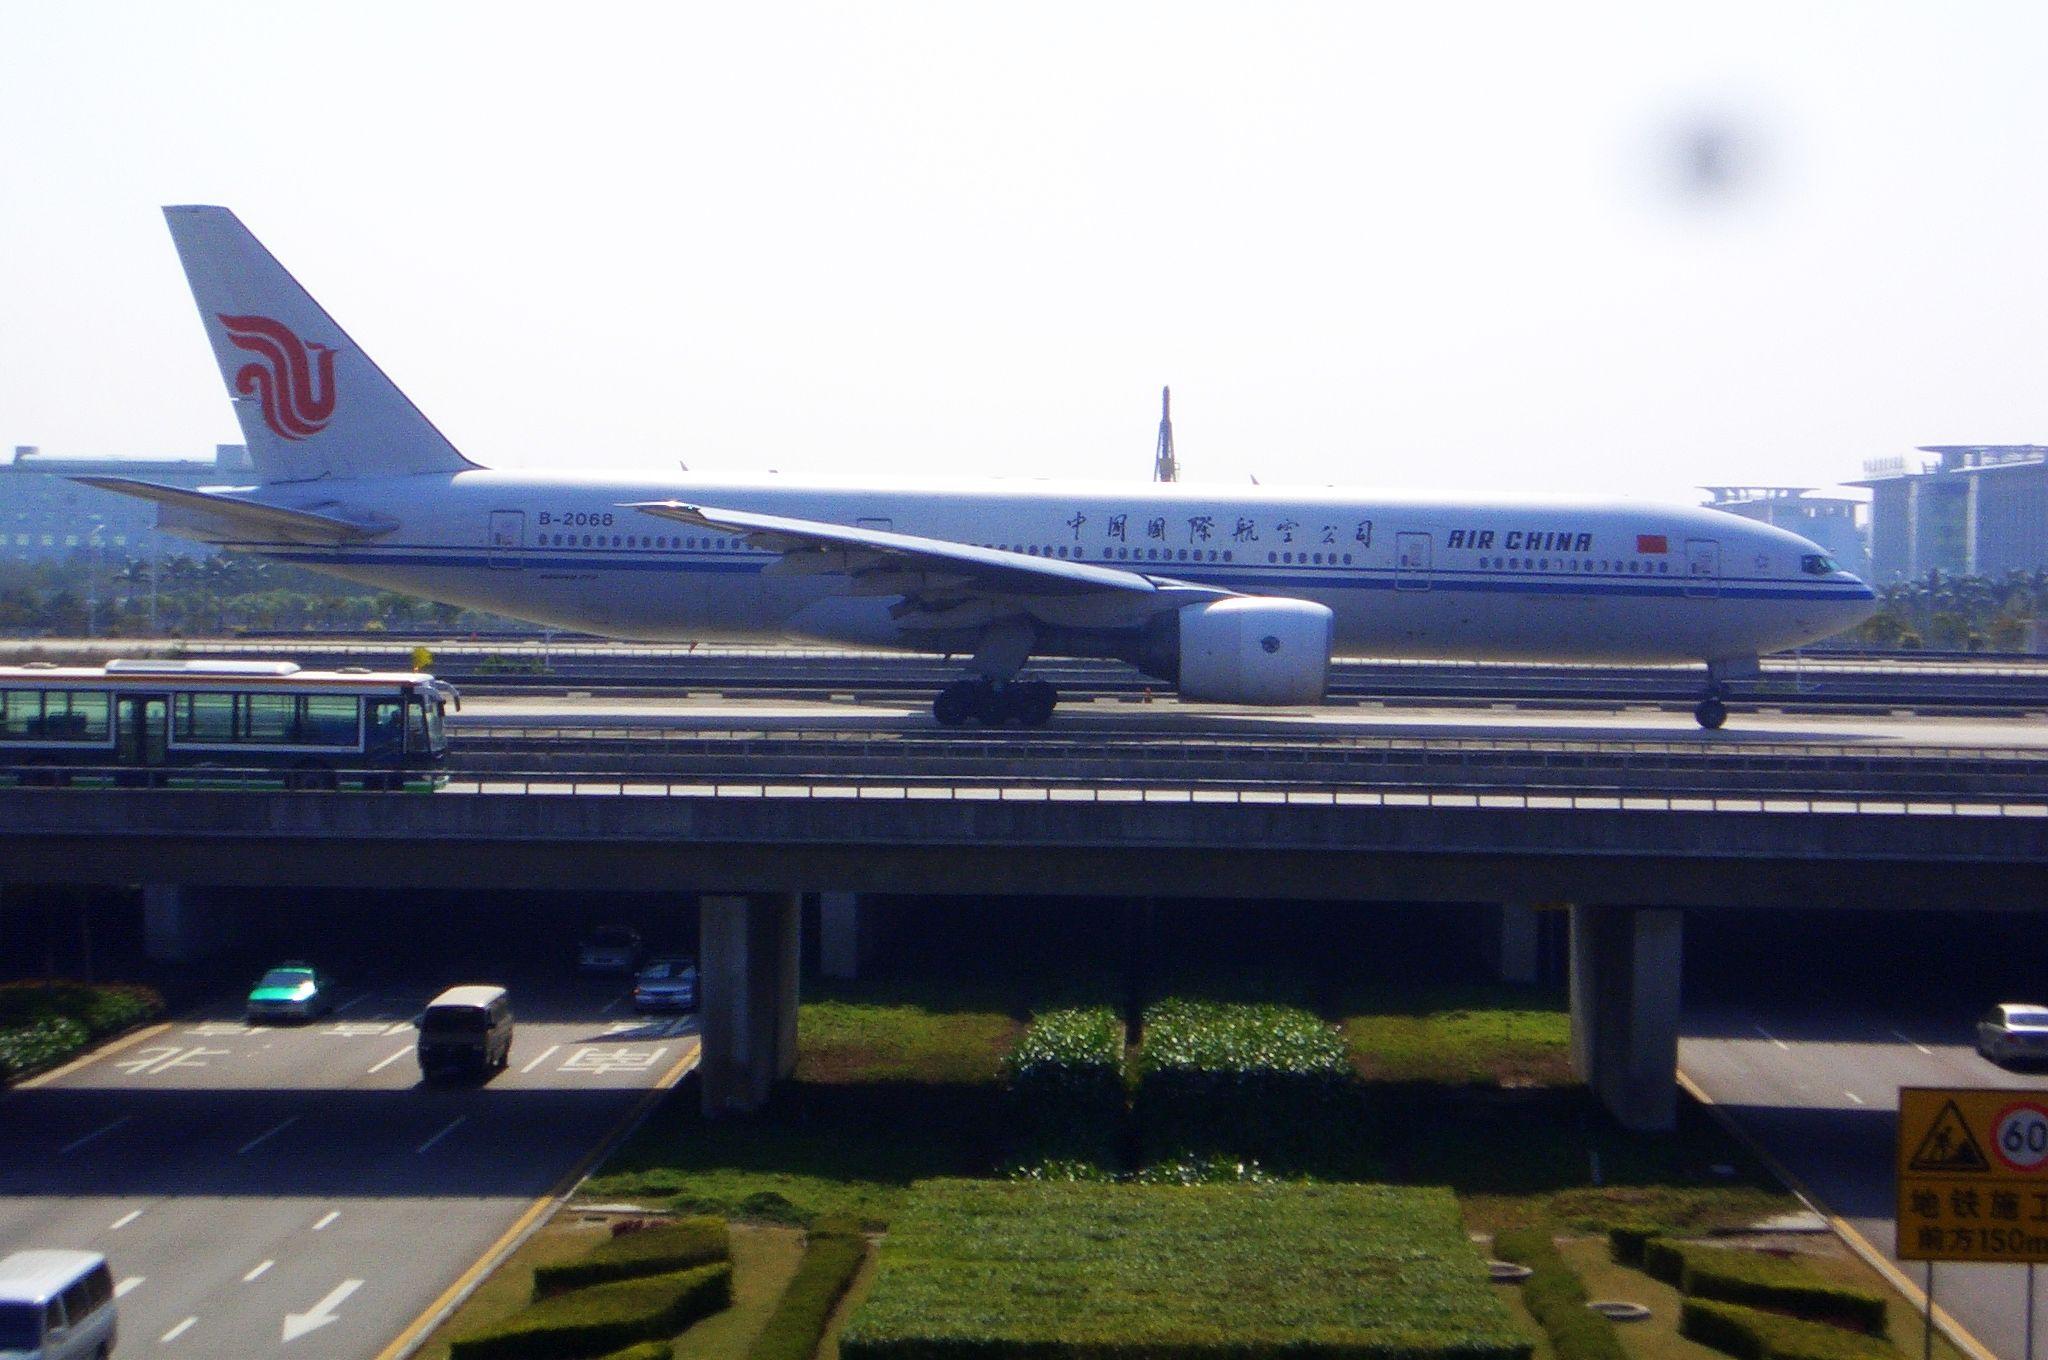 Re:[原创]恢复信心后的第一次发帖,09年第一次活动 BOEING 777-200 B-2068 中国广州白云机场